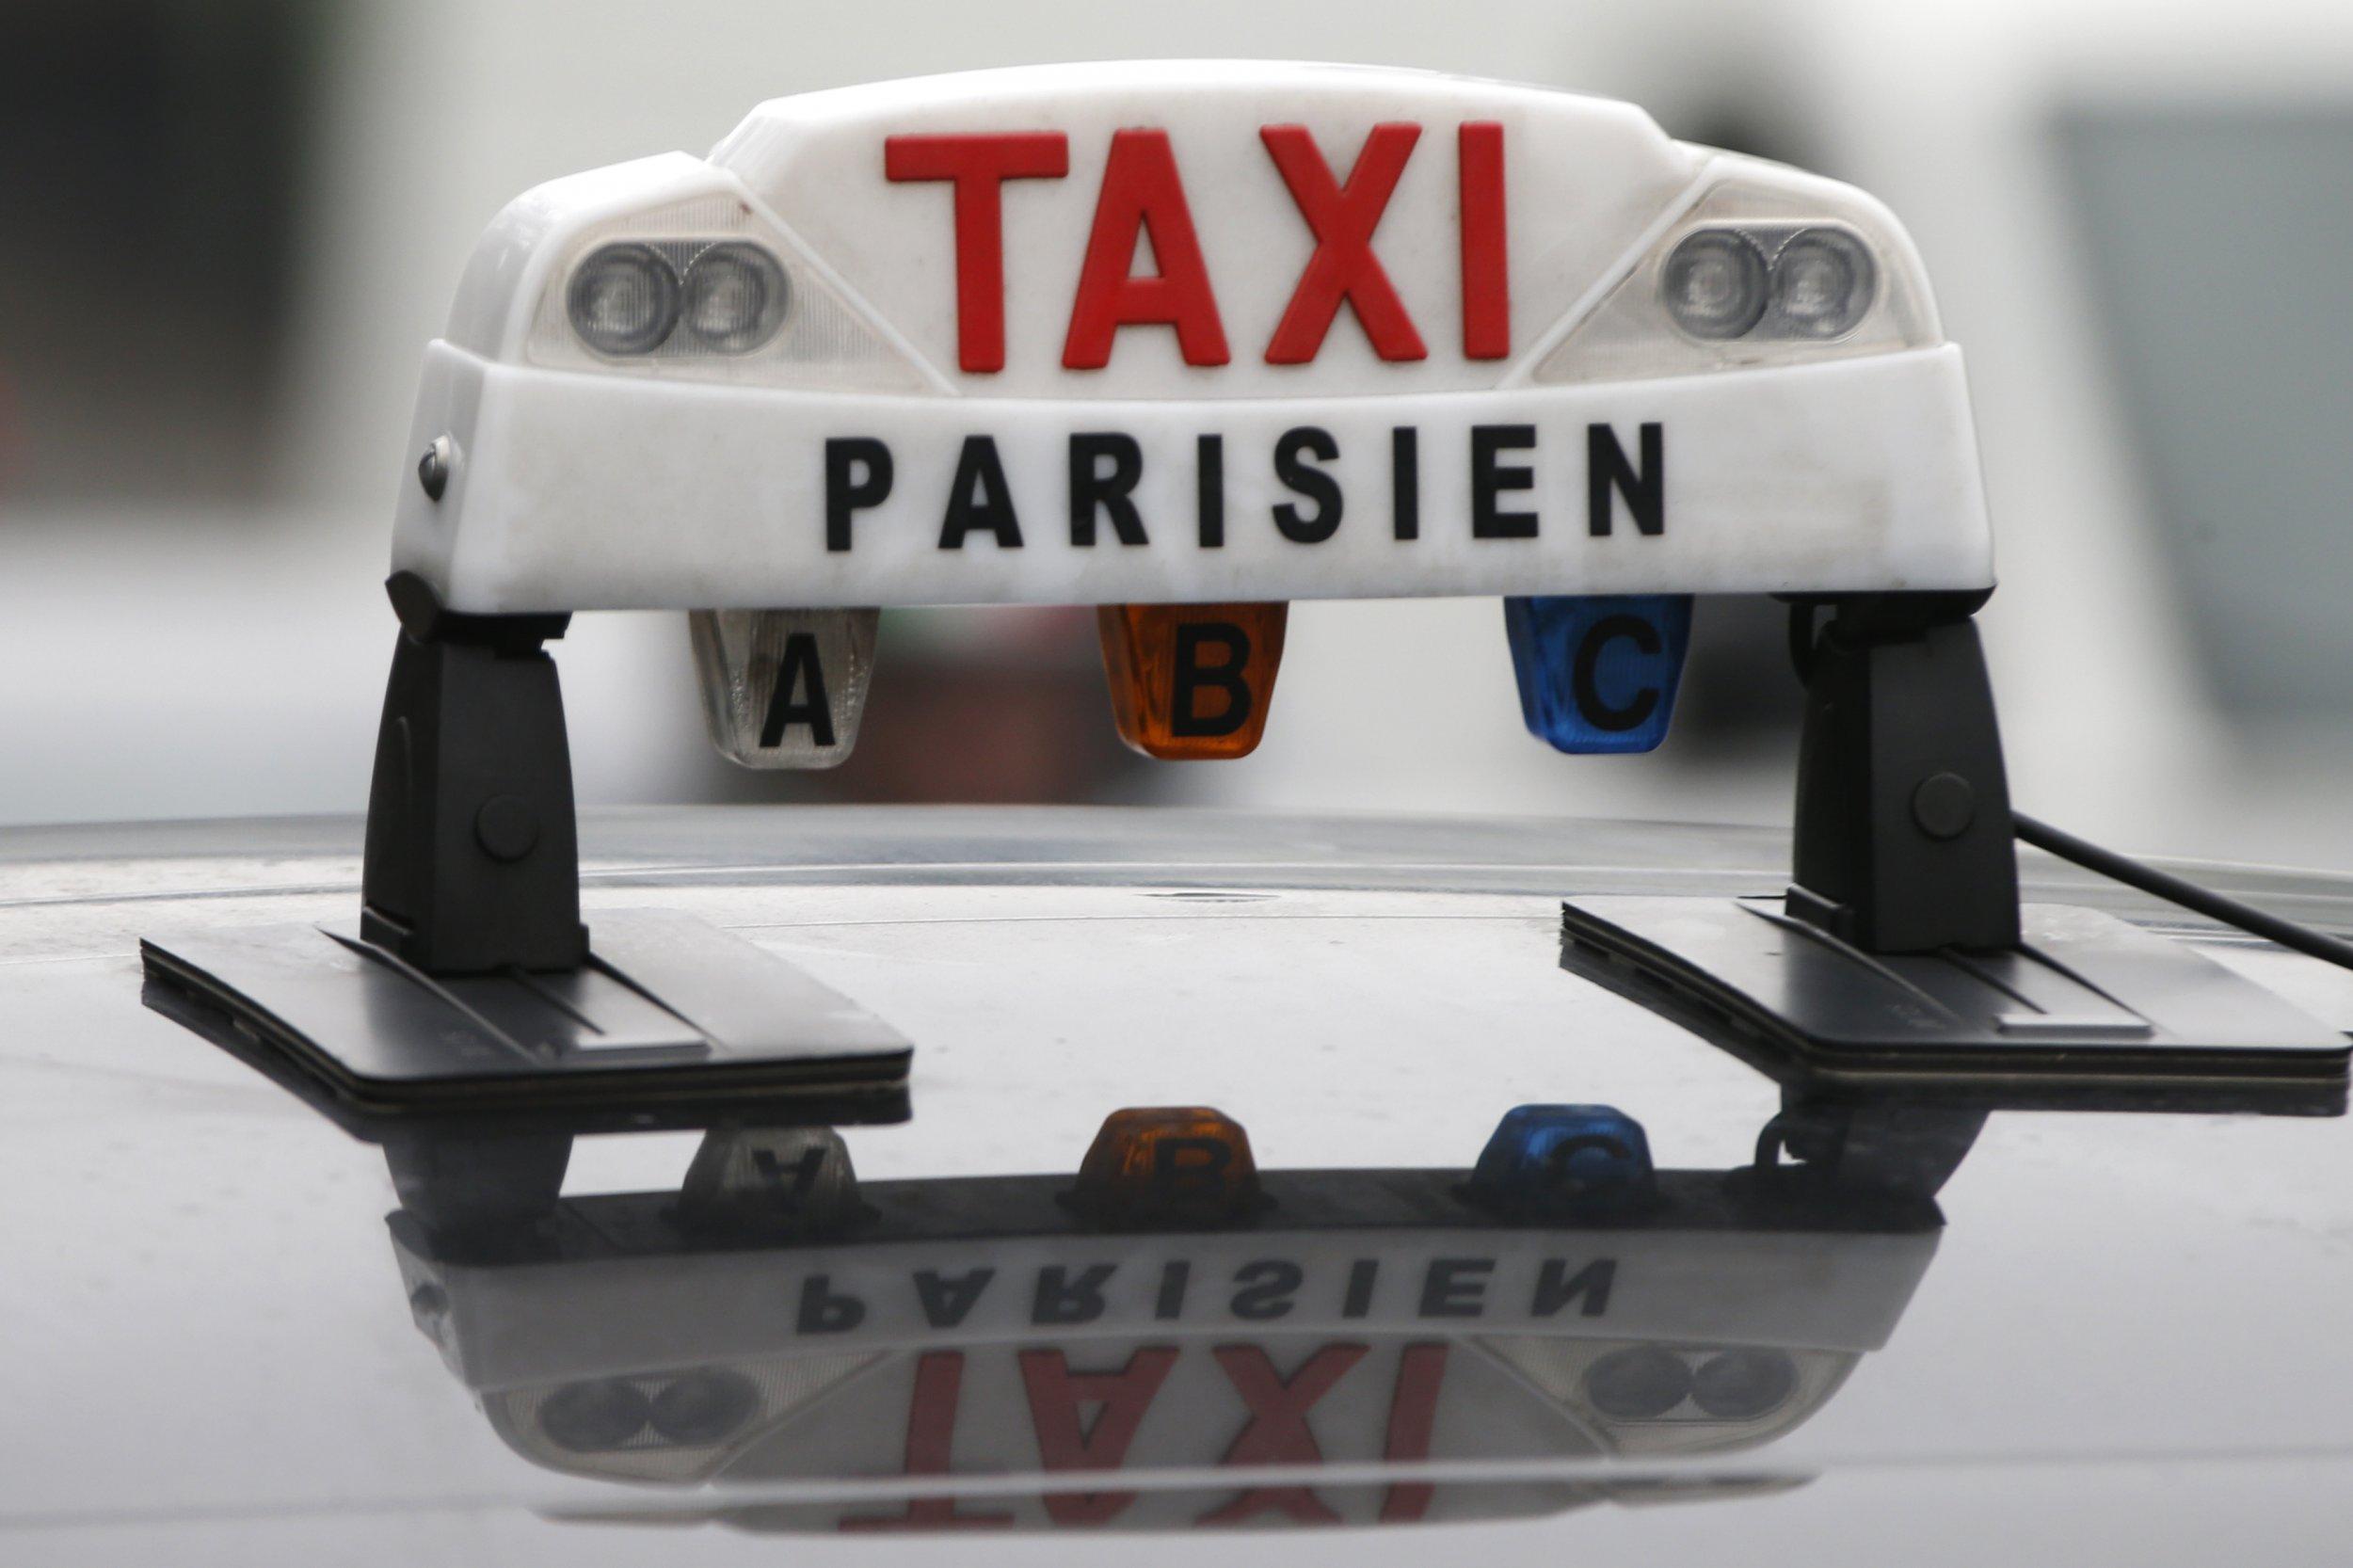 france to ban uber after taxi driver protest. Black Bedroom Furniture Sets. Home Design Ideas